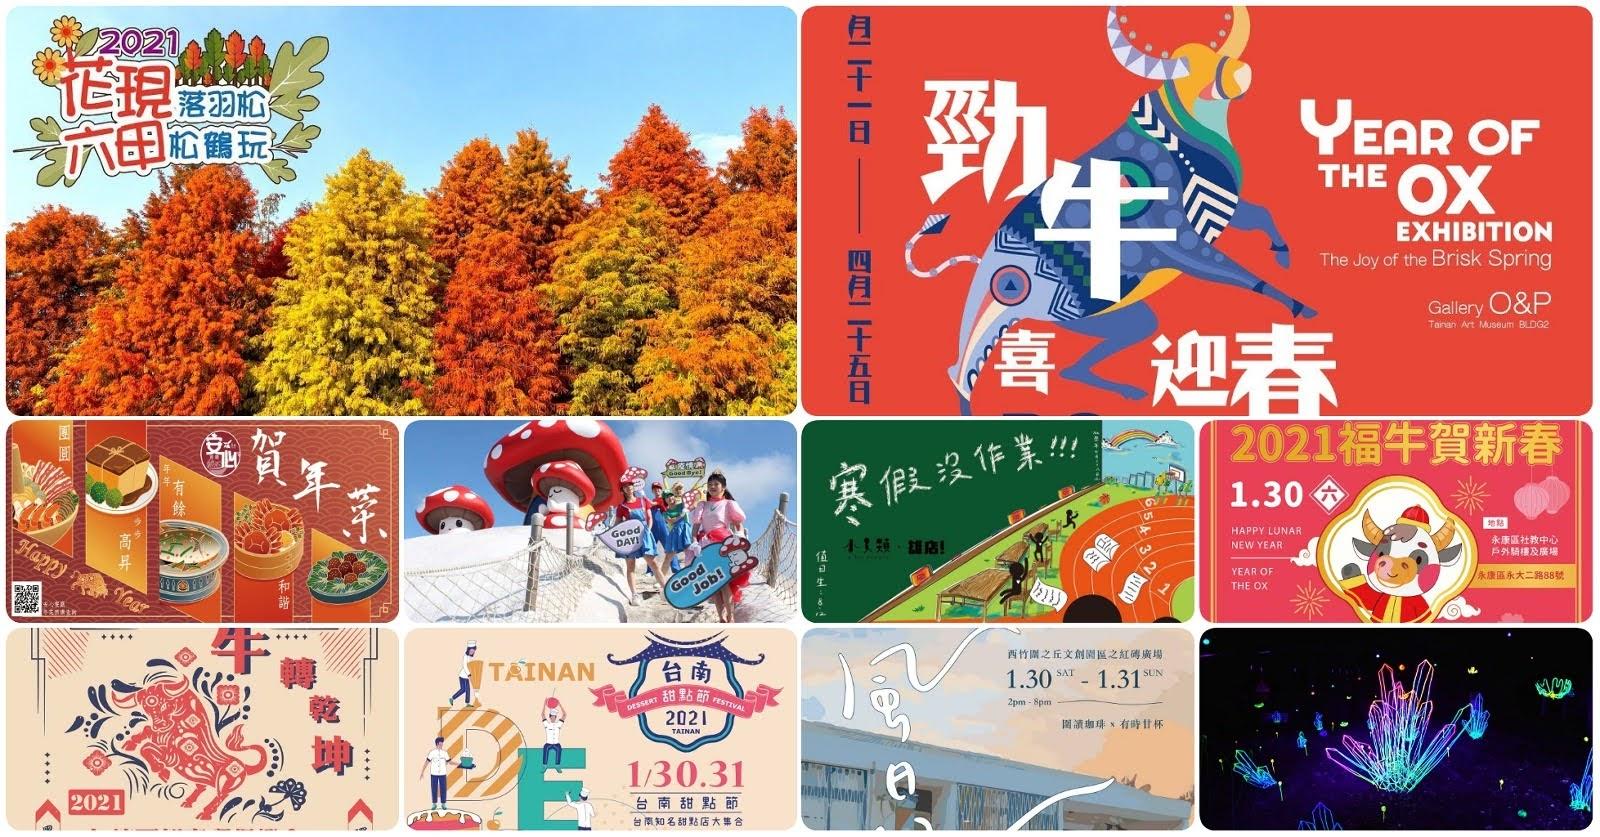 [活動] 2021/1/29-/1/31|台南週末活動整理|本週末資訊數:89